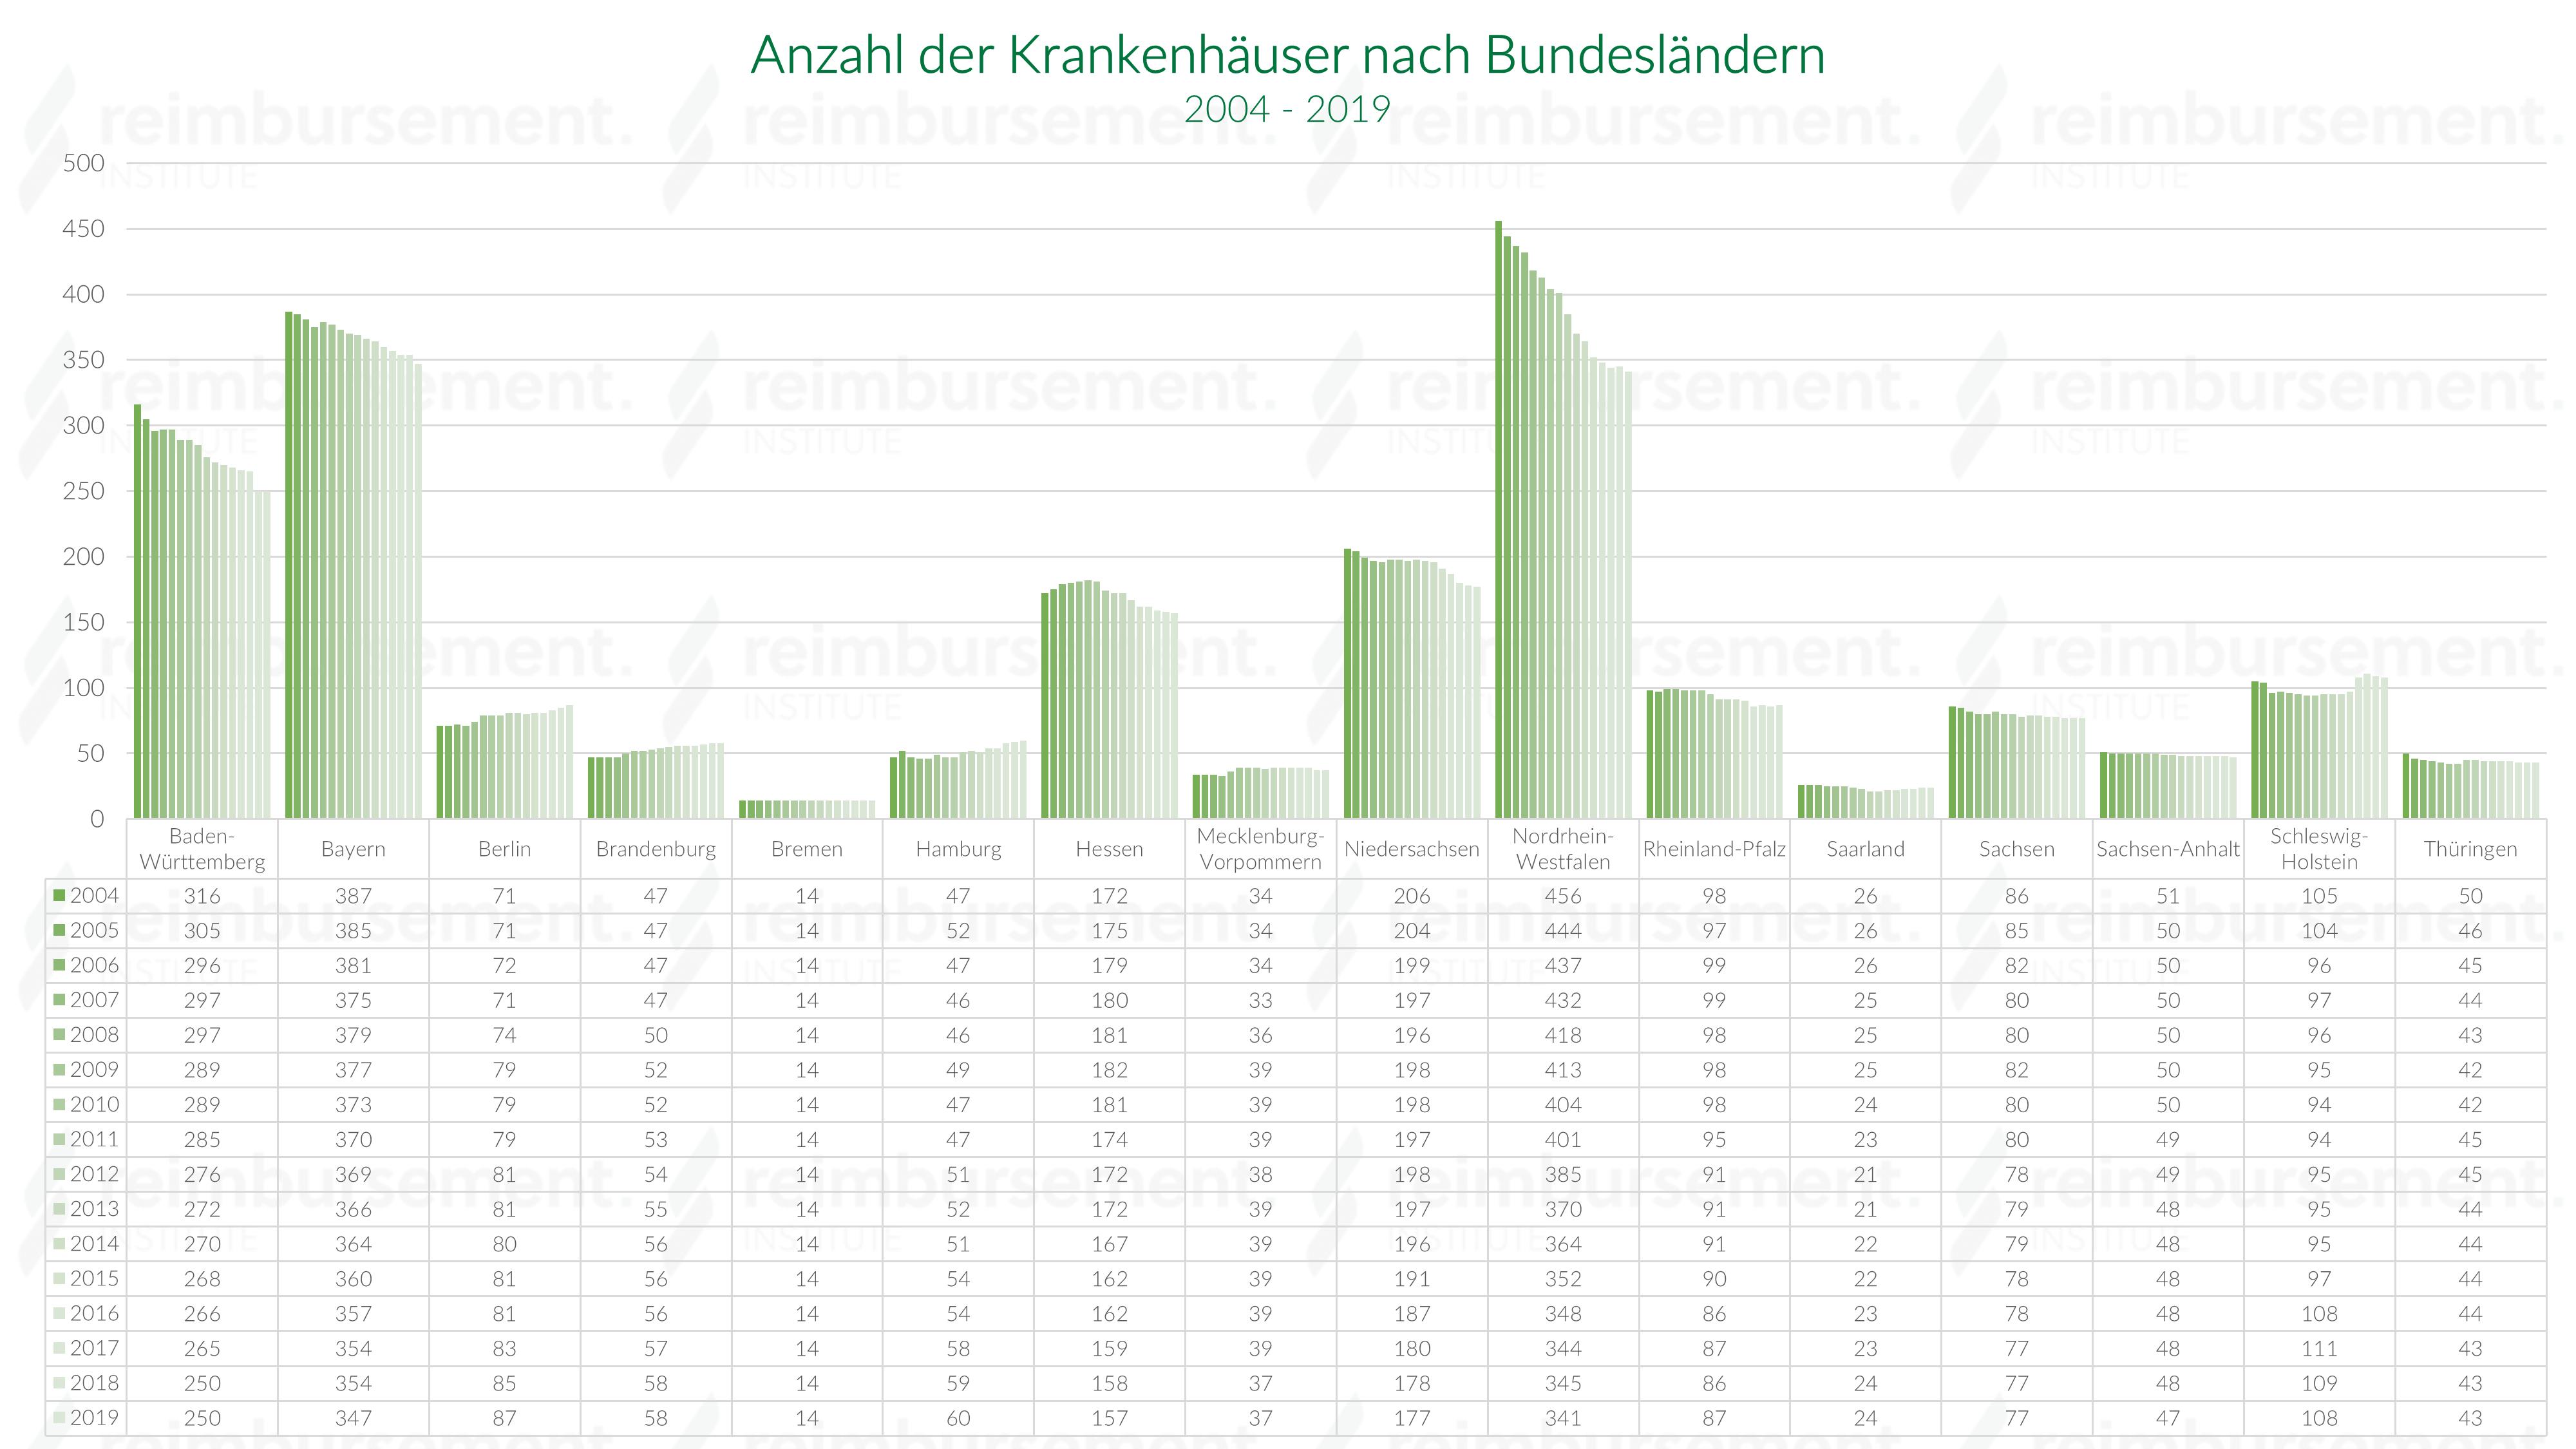 Krankenhausanzahl nach Bundesländern von 2004 bis 2018